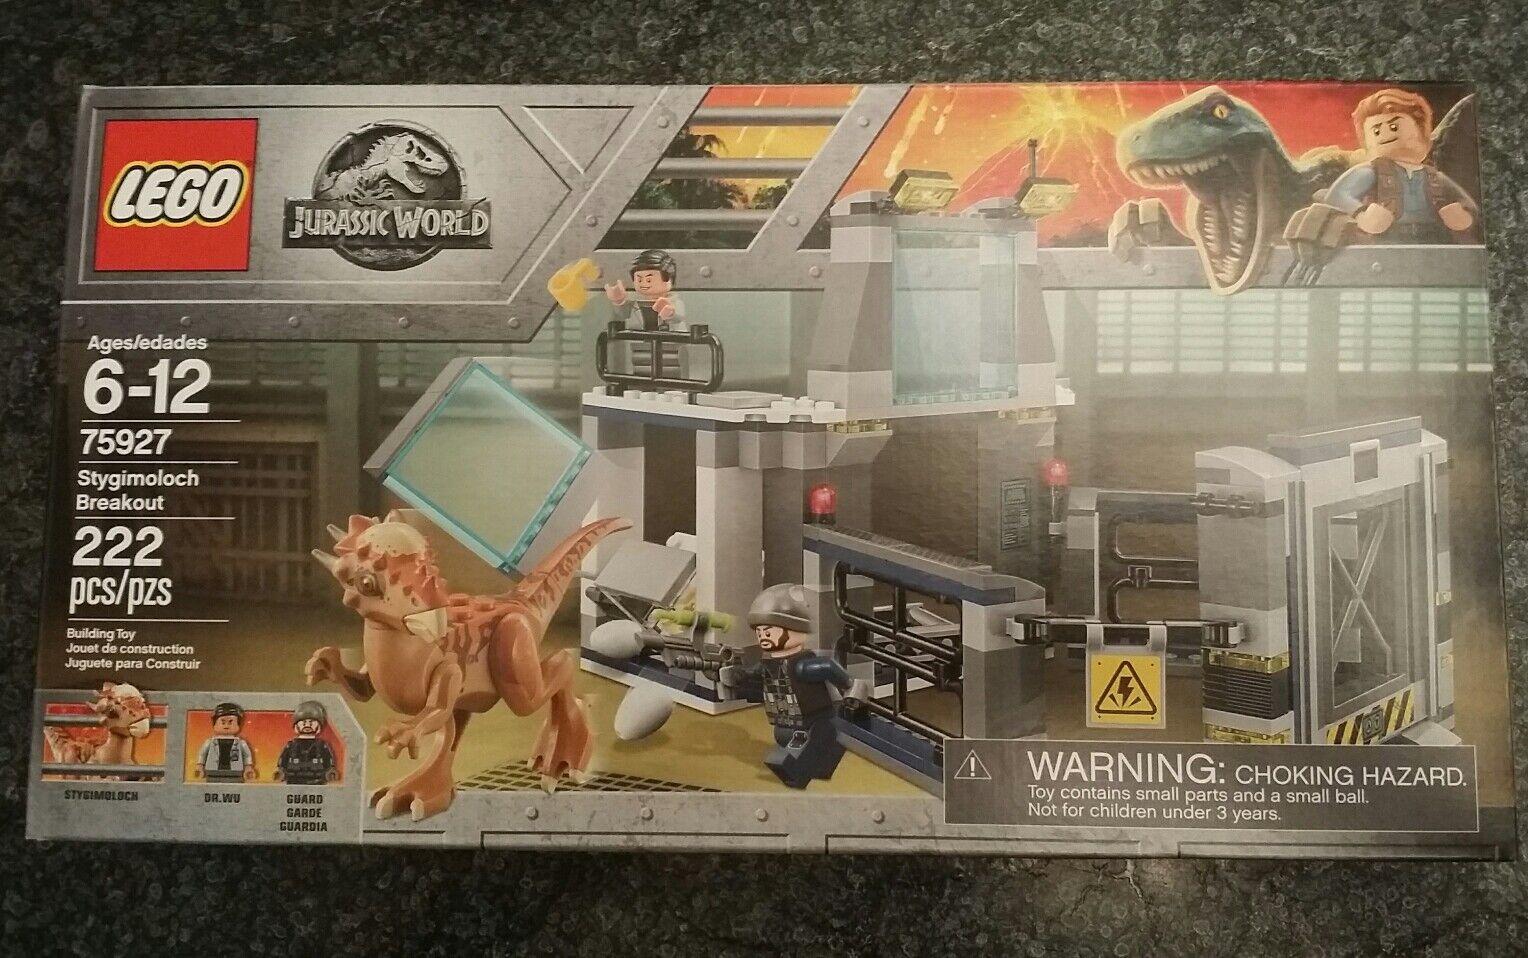 nuovo  LEGO 75927 Jurassic World Ftuttien redom Stygimoloch Breakout  nuova esclusiva di fascia alta